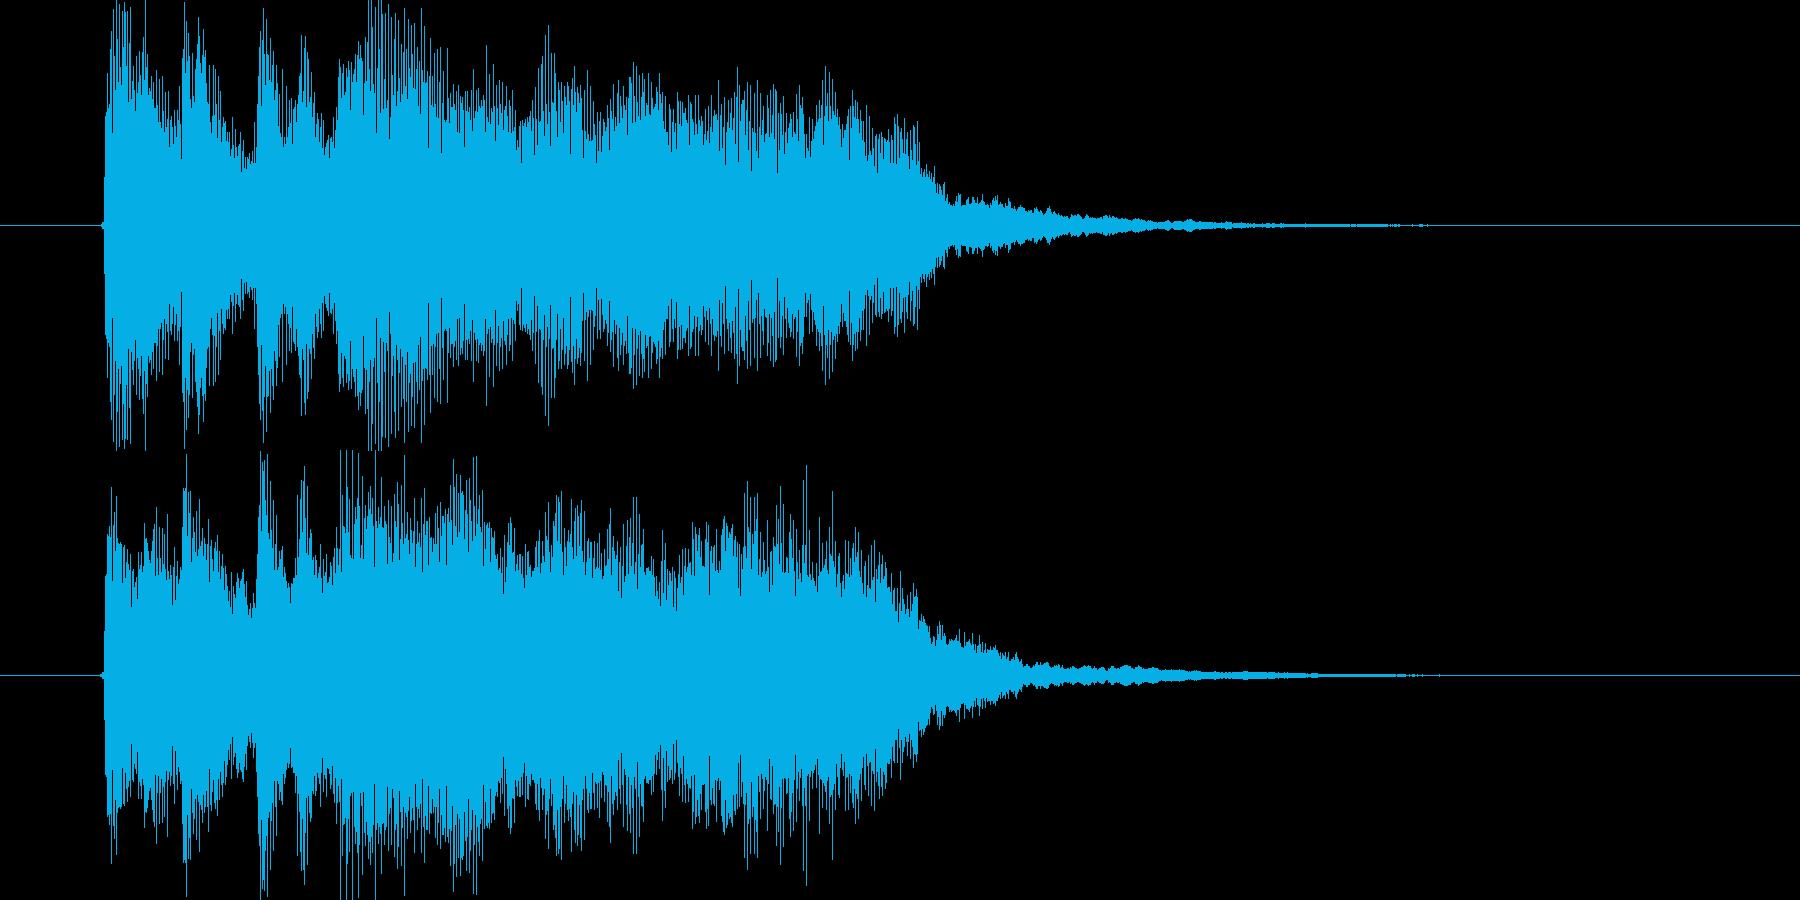 ストリングスとホルンのポップスの再生済みの波形